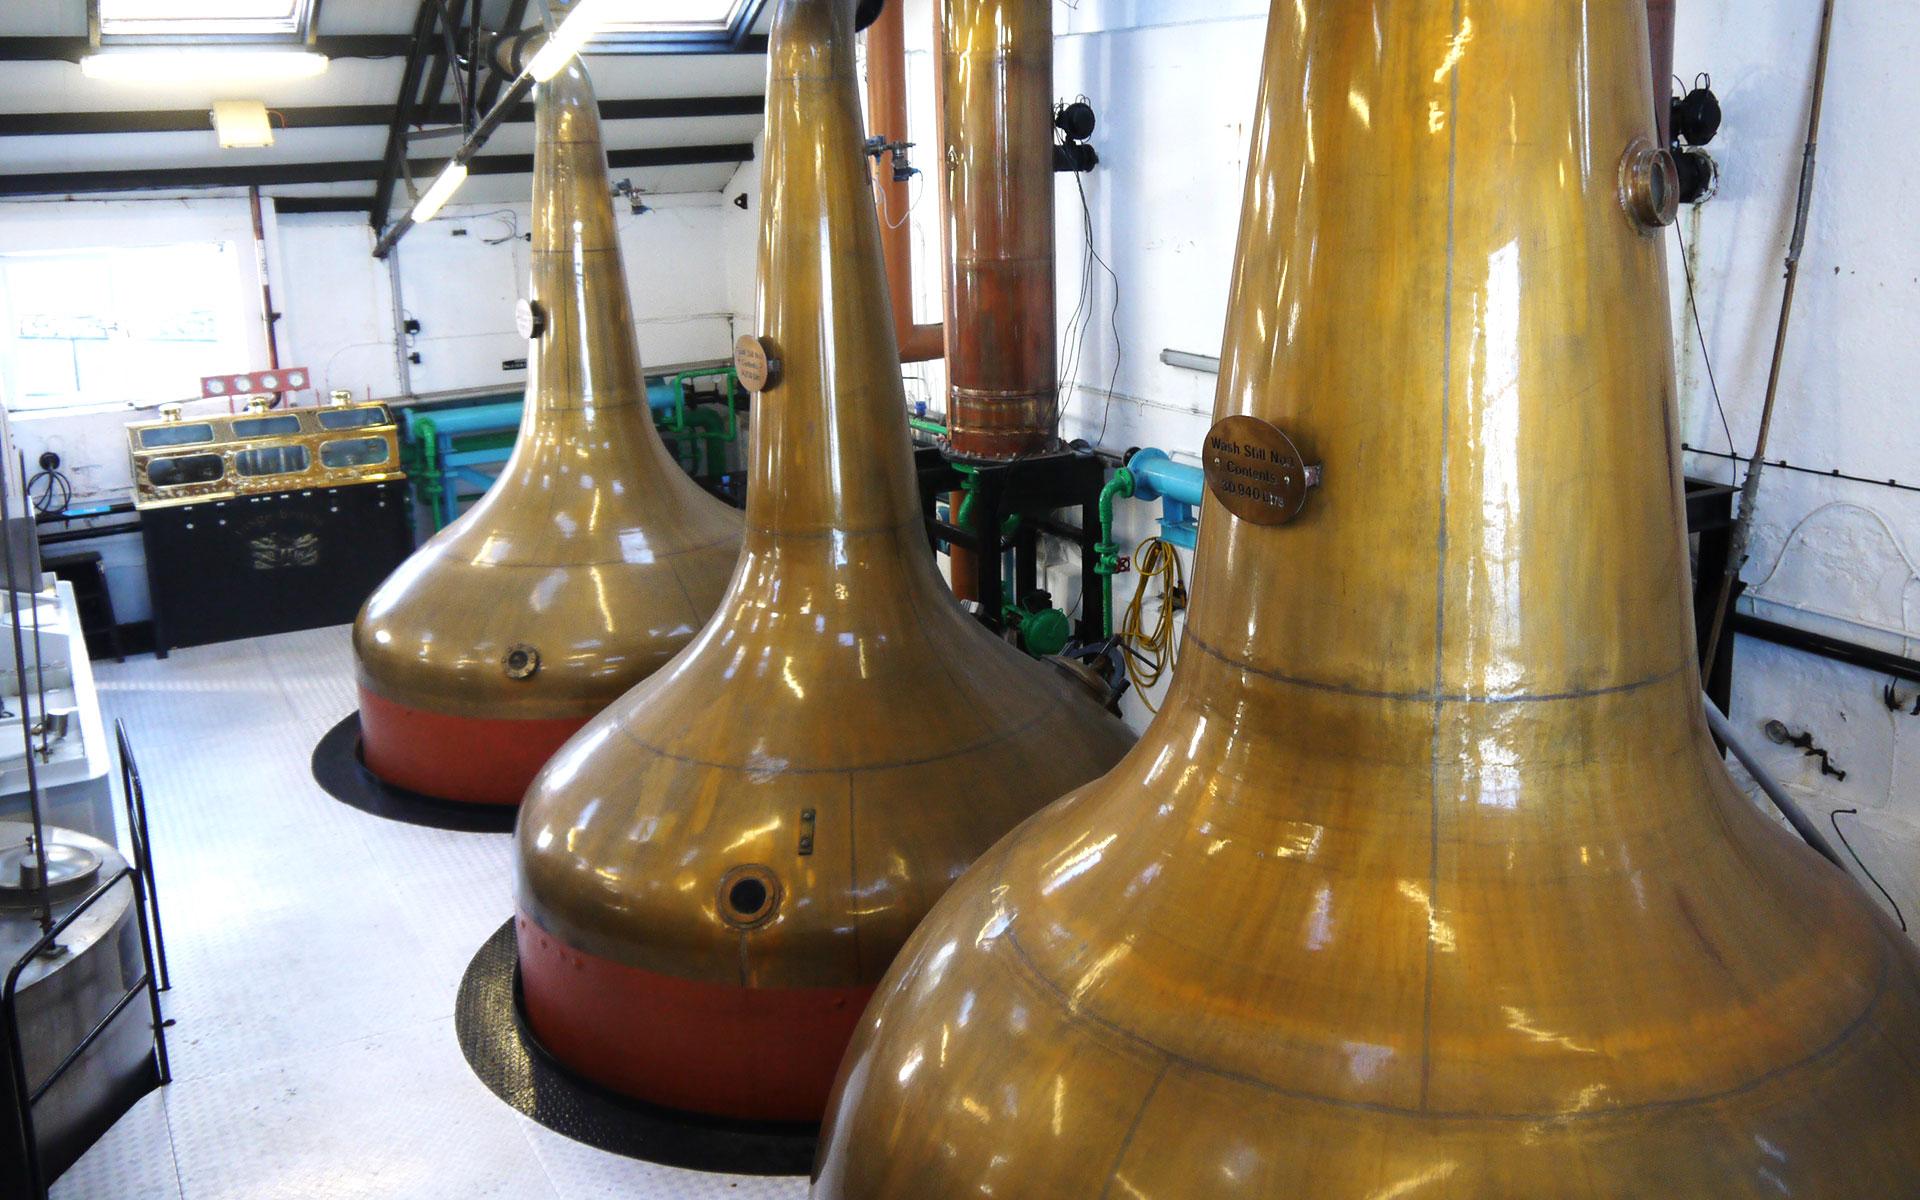 Die kupfernen Brennblasen von Bowmore - jedes Jahr werden bis zu 2 Mio. Liter New Make gebrannt (Foto: Malt Whisky)